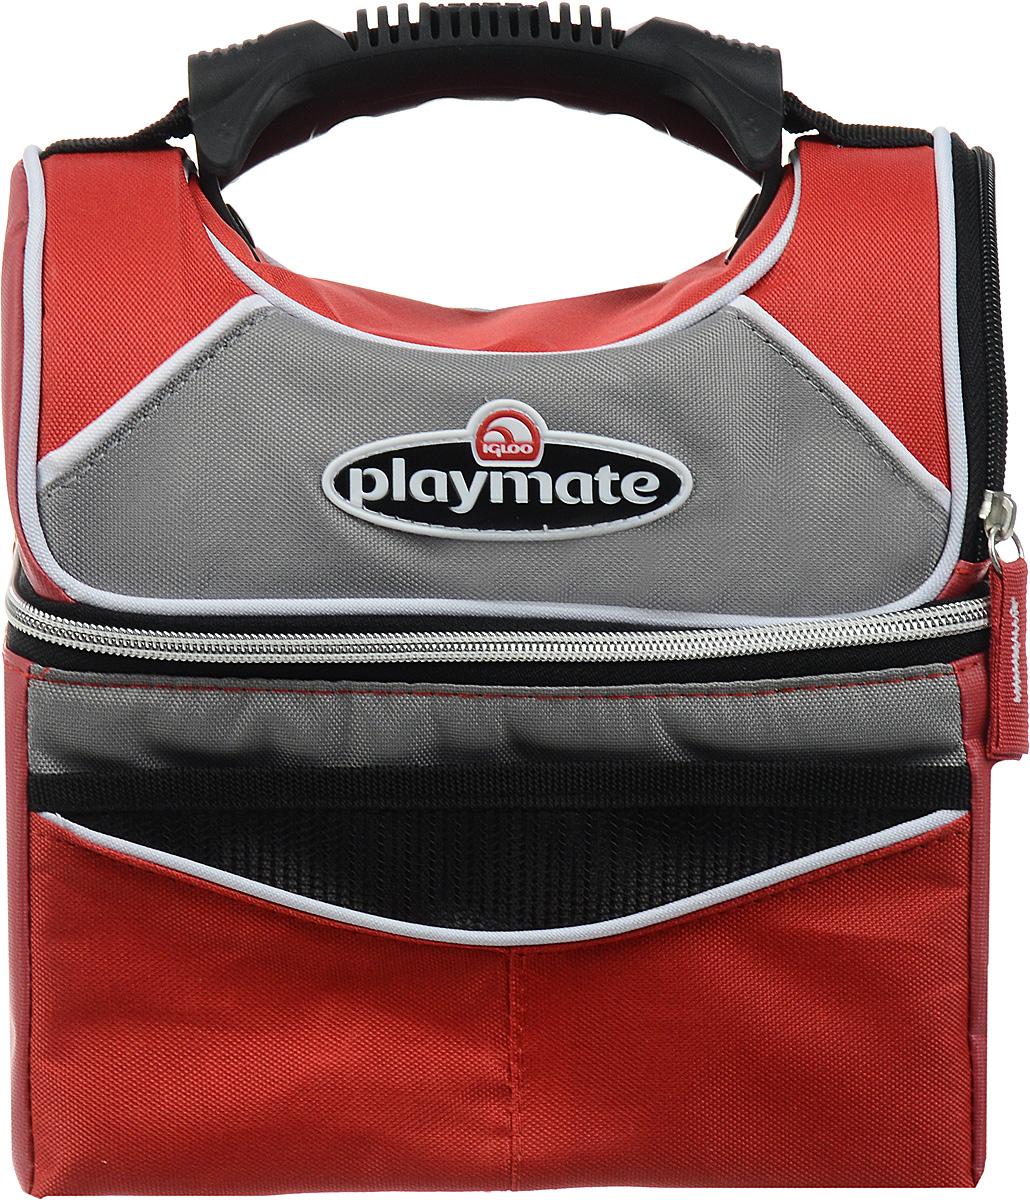 Сумка-термос Igloo Playmate Gripper 9 (красный)6.295-875.0Сумка-термос Igloo Playmate Gripper 9 (красный) Длина:22,86см Ширина :15,87см Высота:26,67см